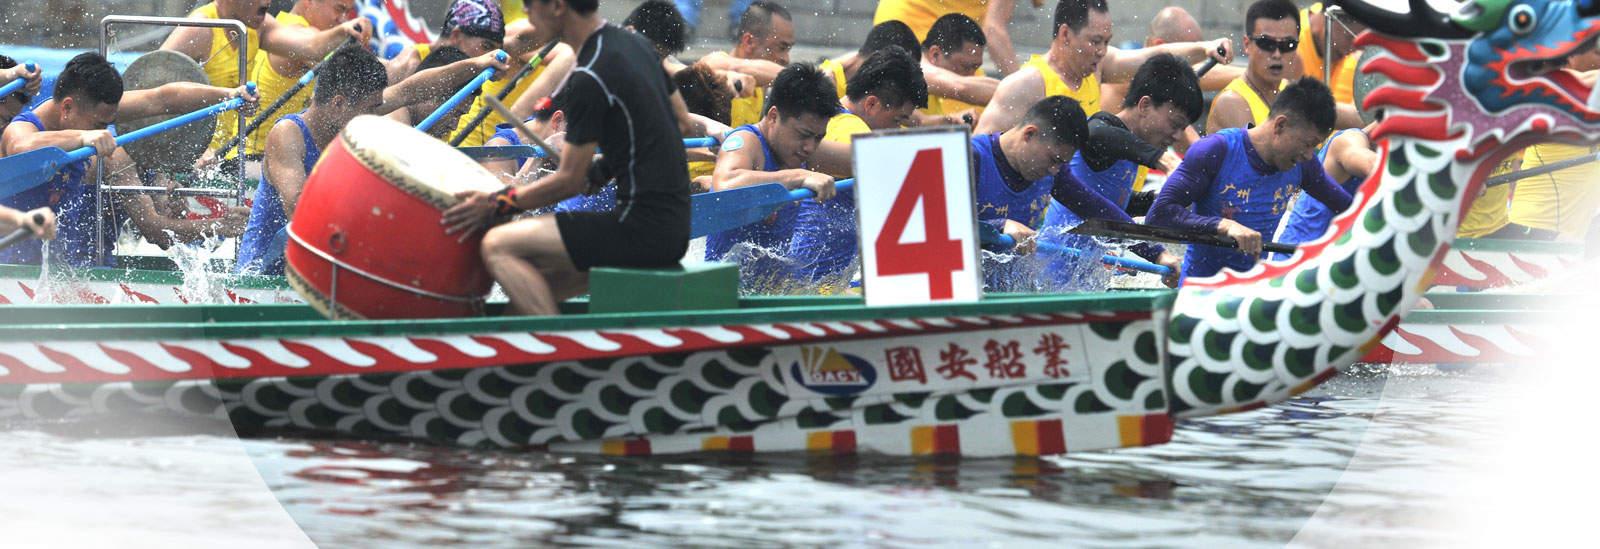 2013龙舟赛